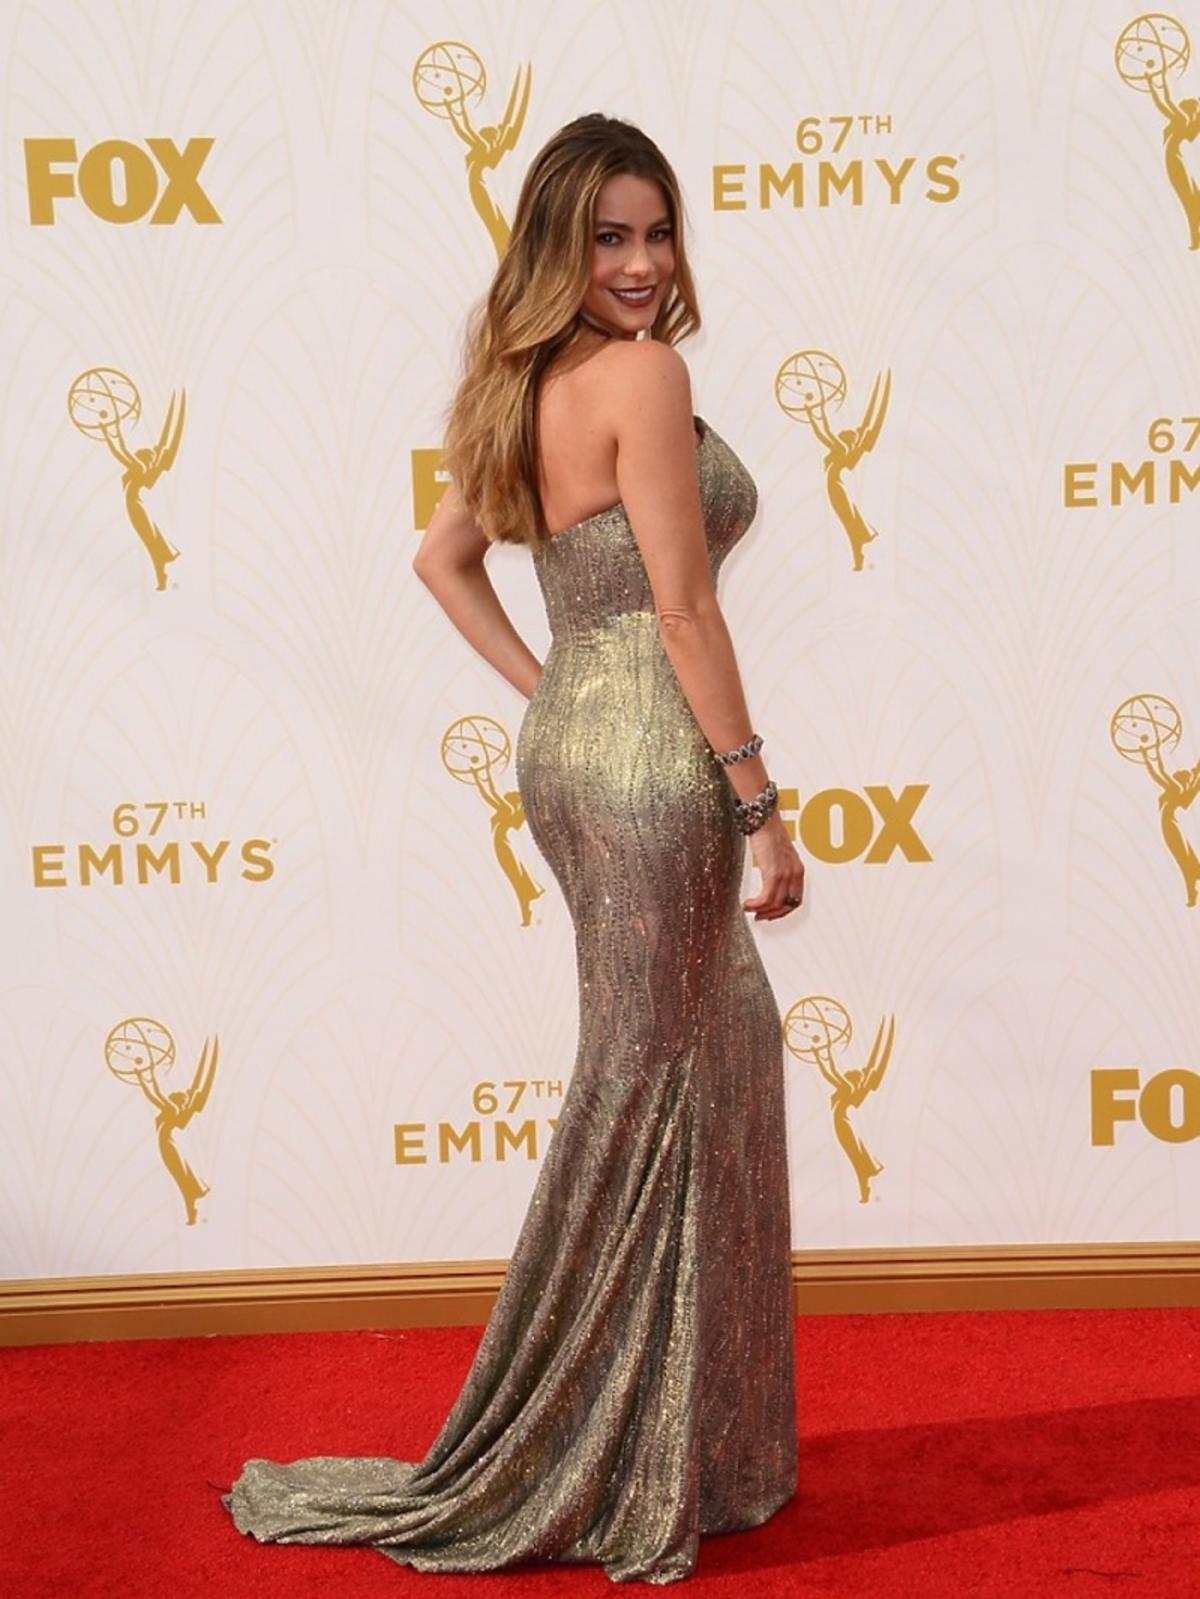 Sofia Vergara w błyszczącej złotej sukience